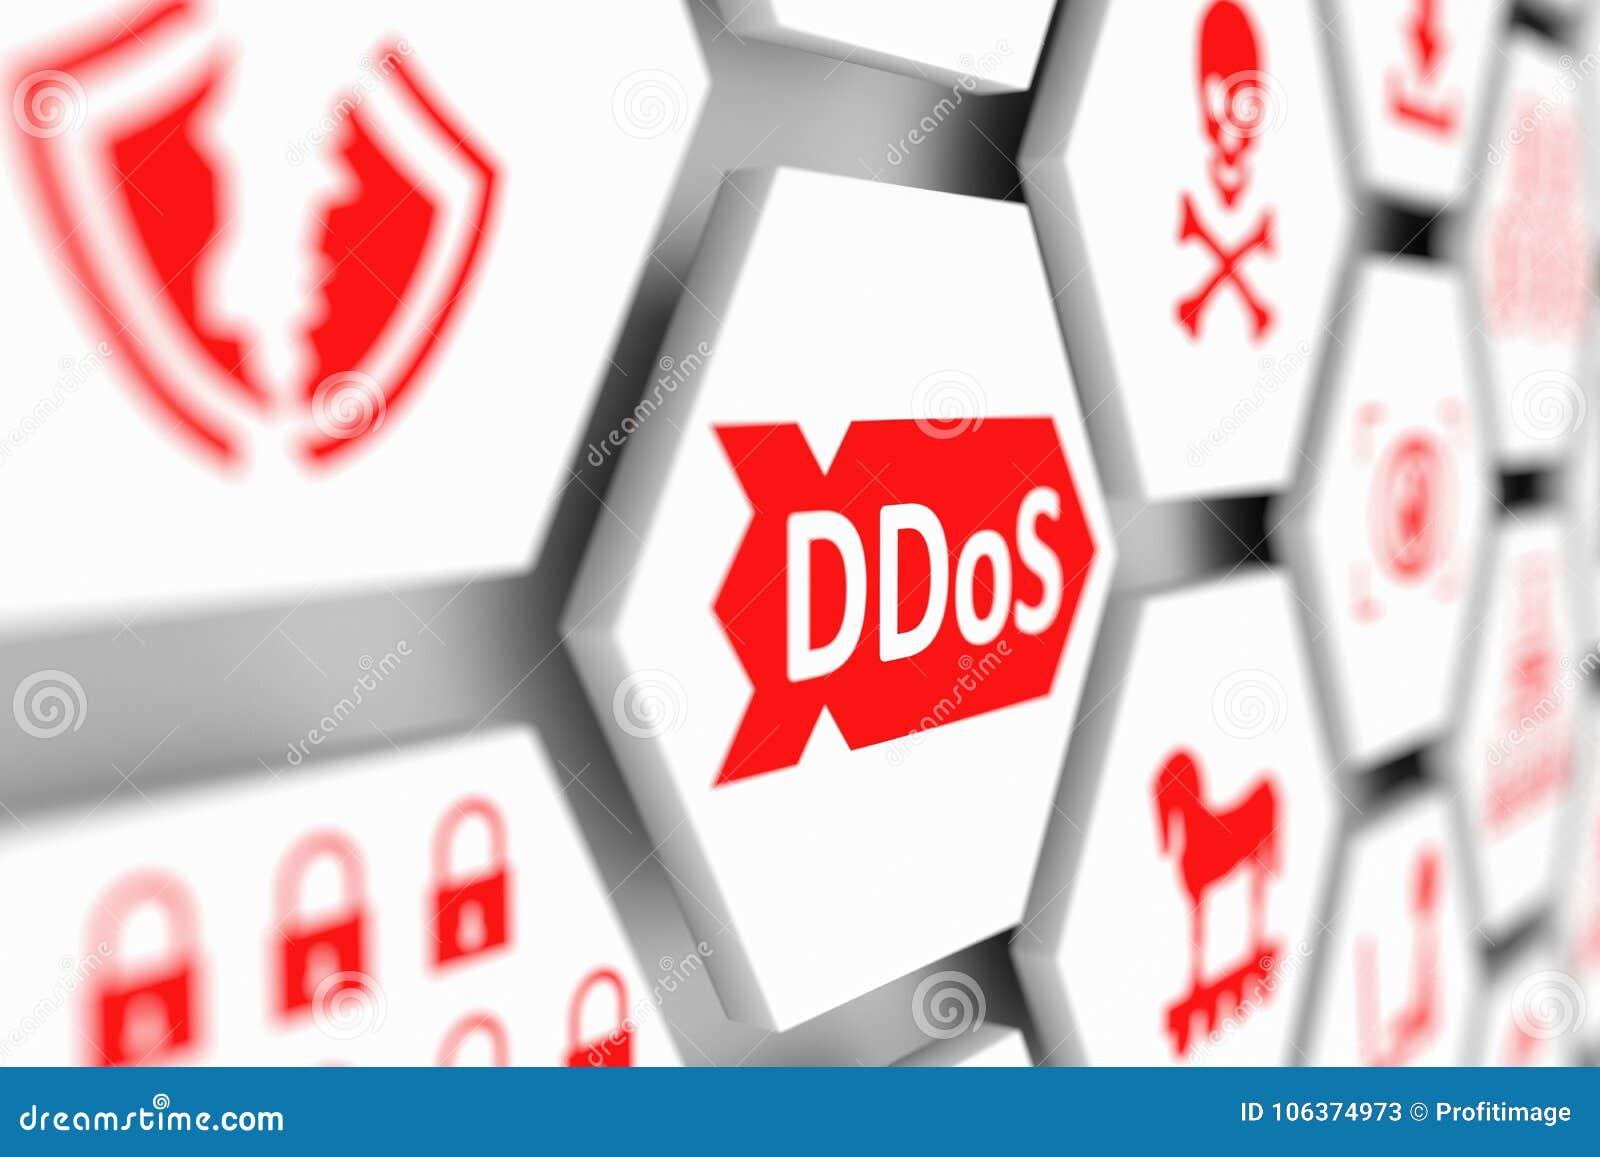 DDoS concept stock illustration  Illustration of hacker